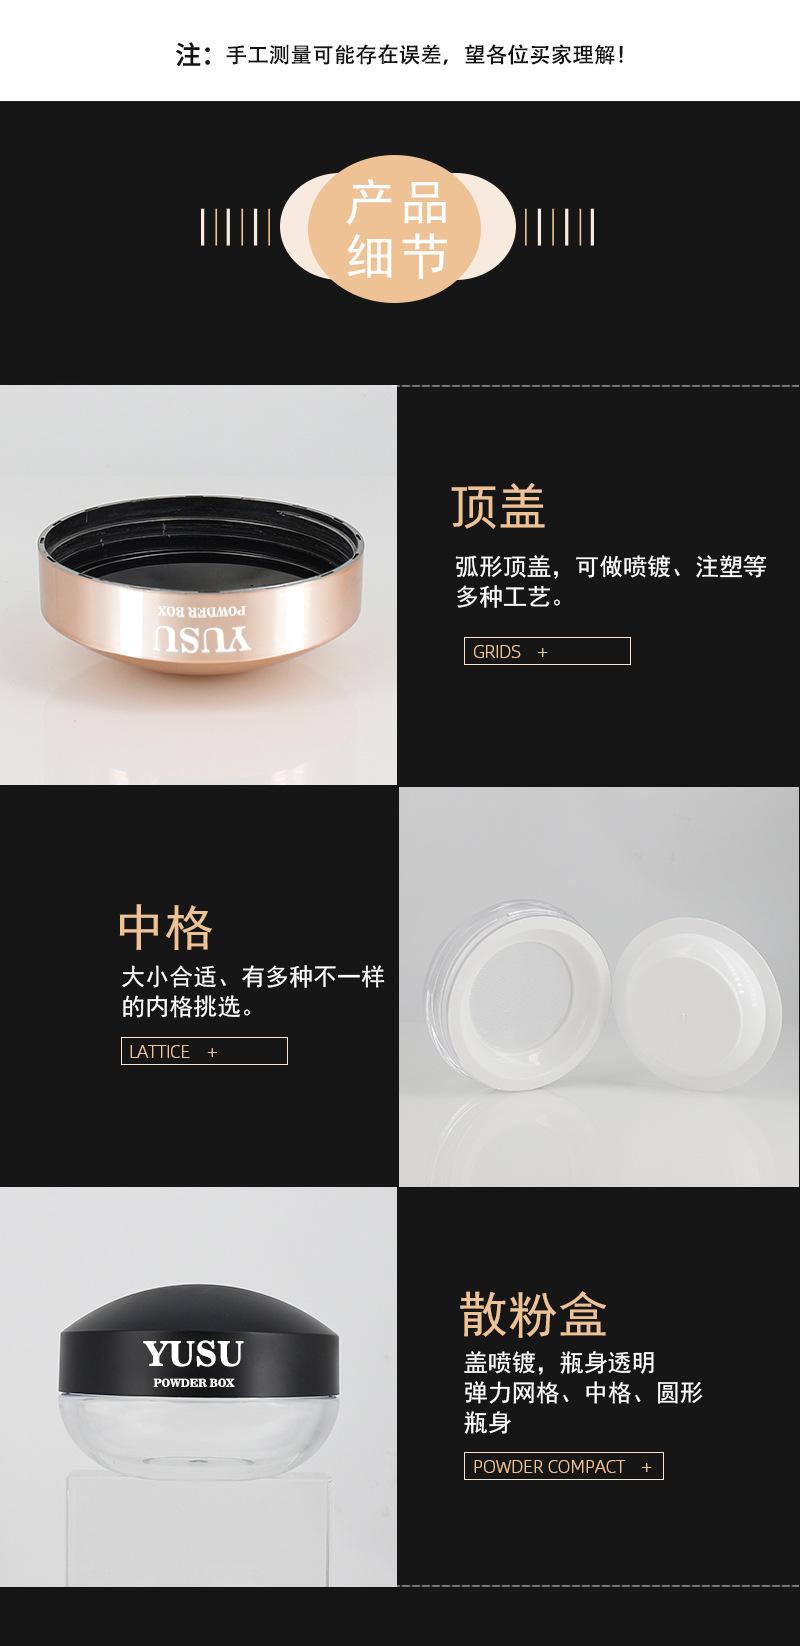 高档圆型网筛散粉盒/蜜粉盒 产品细节